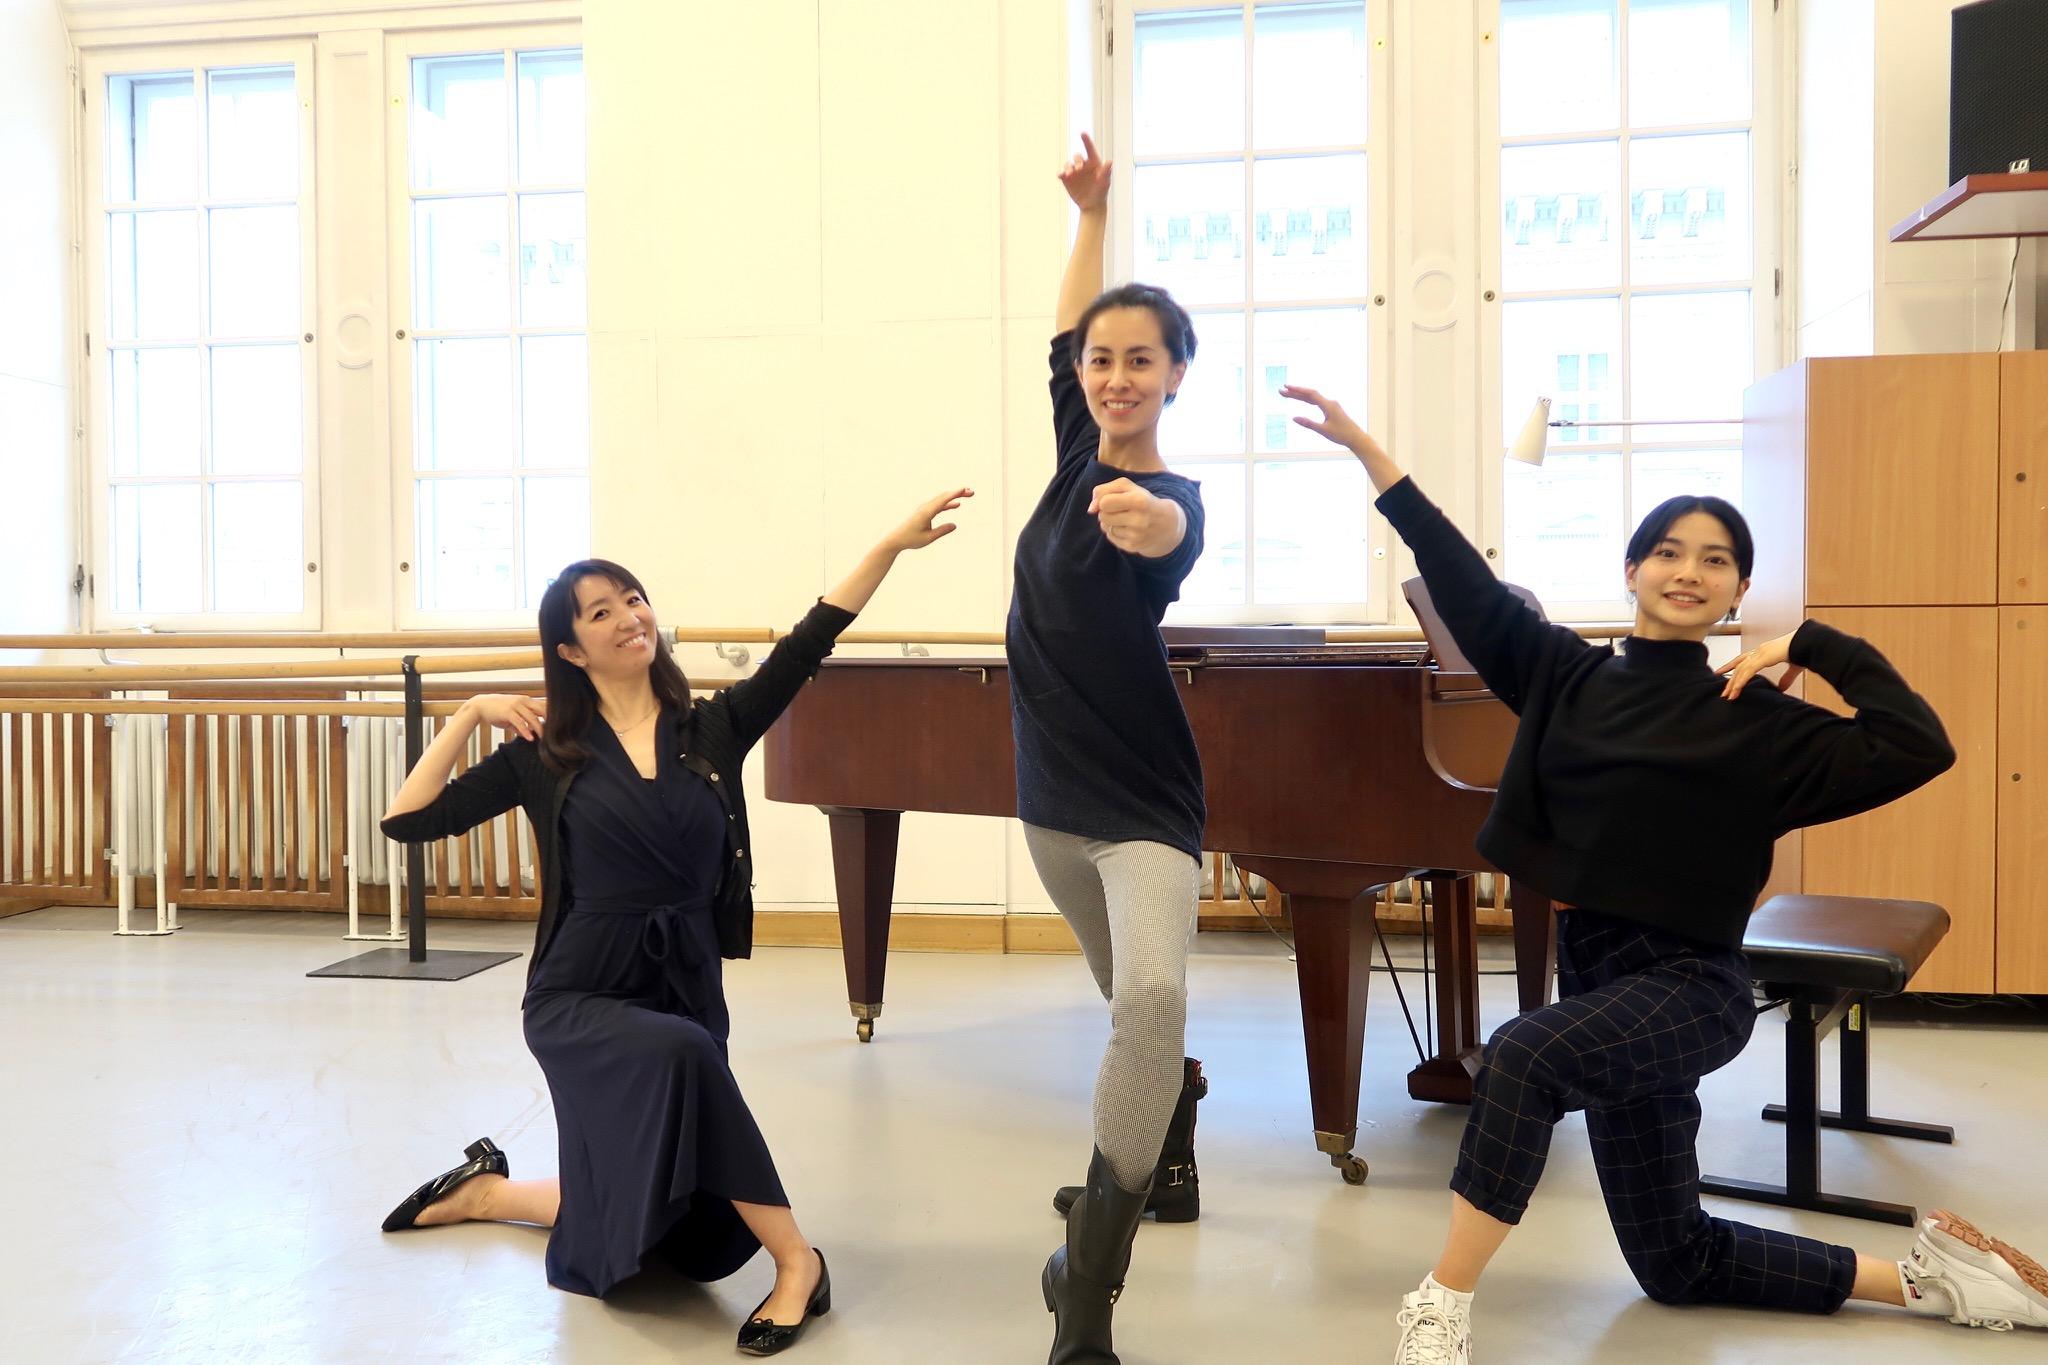 【第13回】ウィーンのバレエピアニスト 〜滝澤志野の音楽日記〜「1周年スペシャル!ウィーン女子座談会」